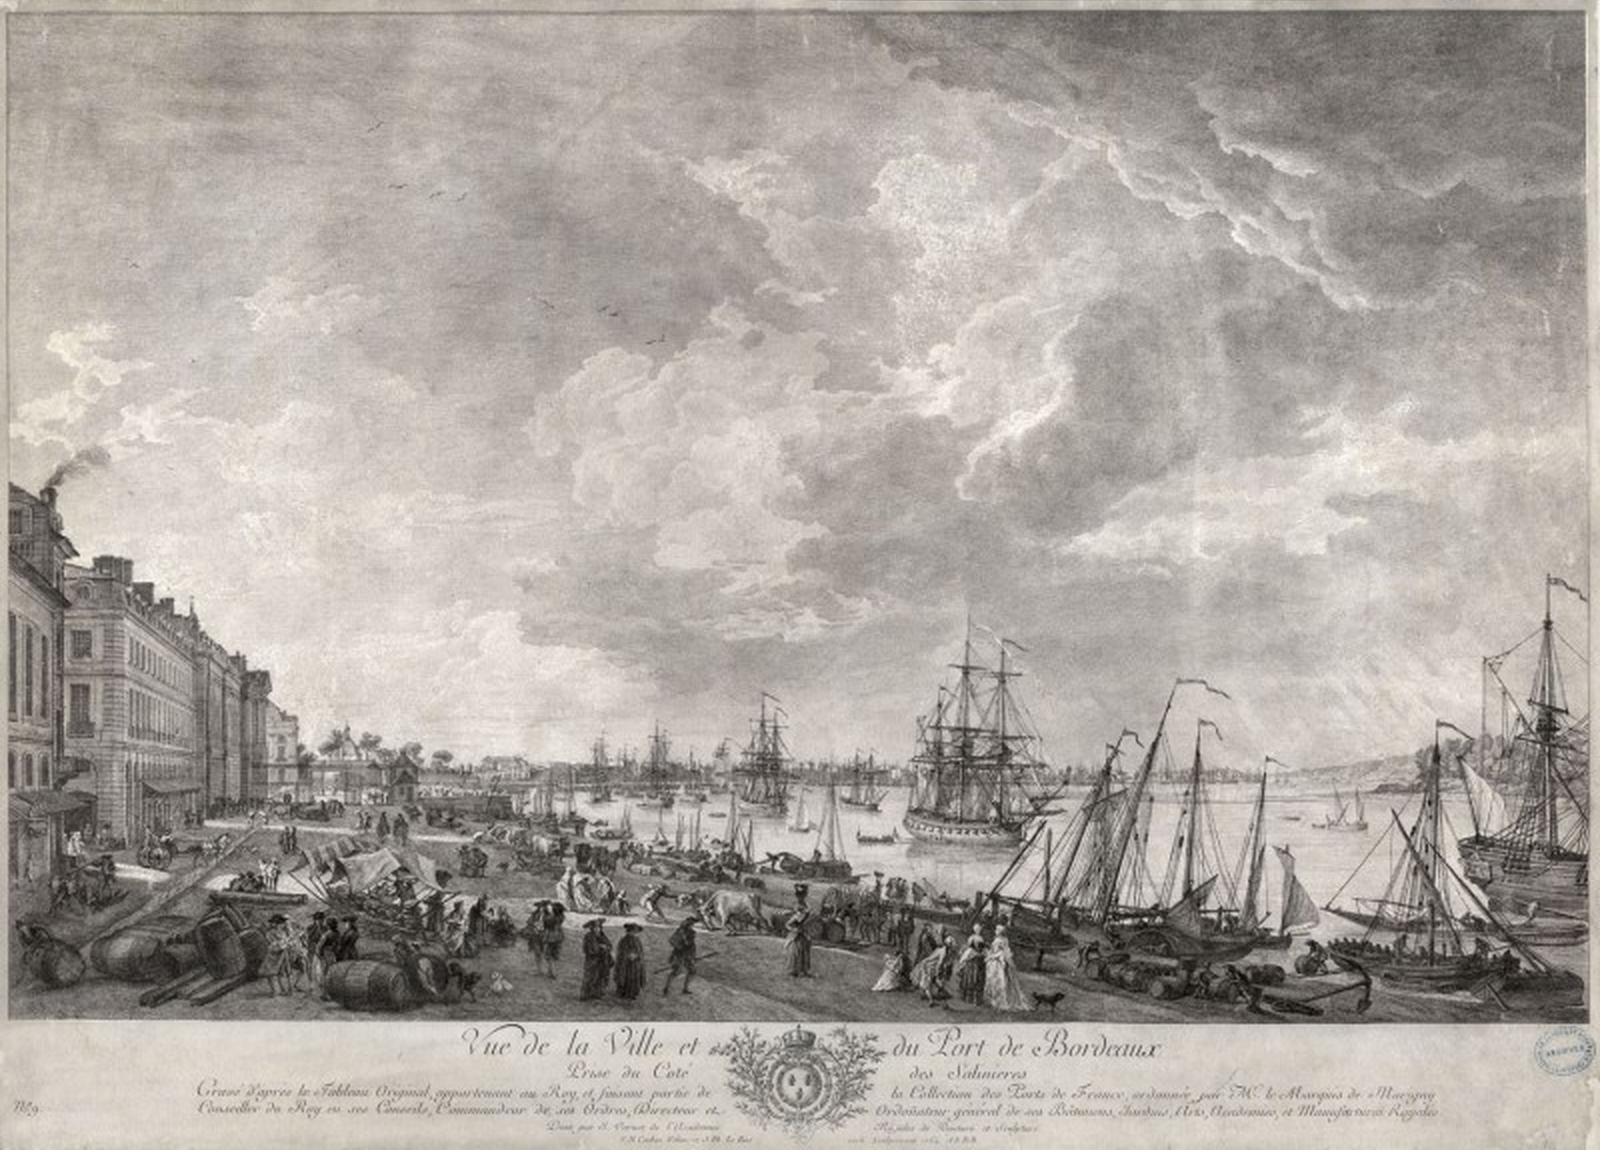 Vue de la ville et du port de Bordeaux prise du coté des salinières, gravure à l'eau forte, d'après Vernet, 54 x 73 cm, 1764.png